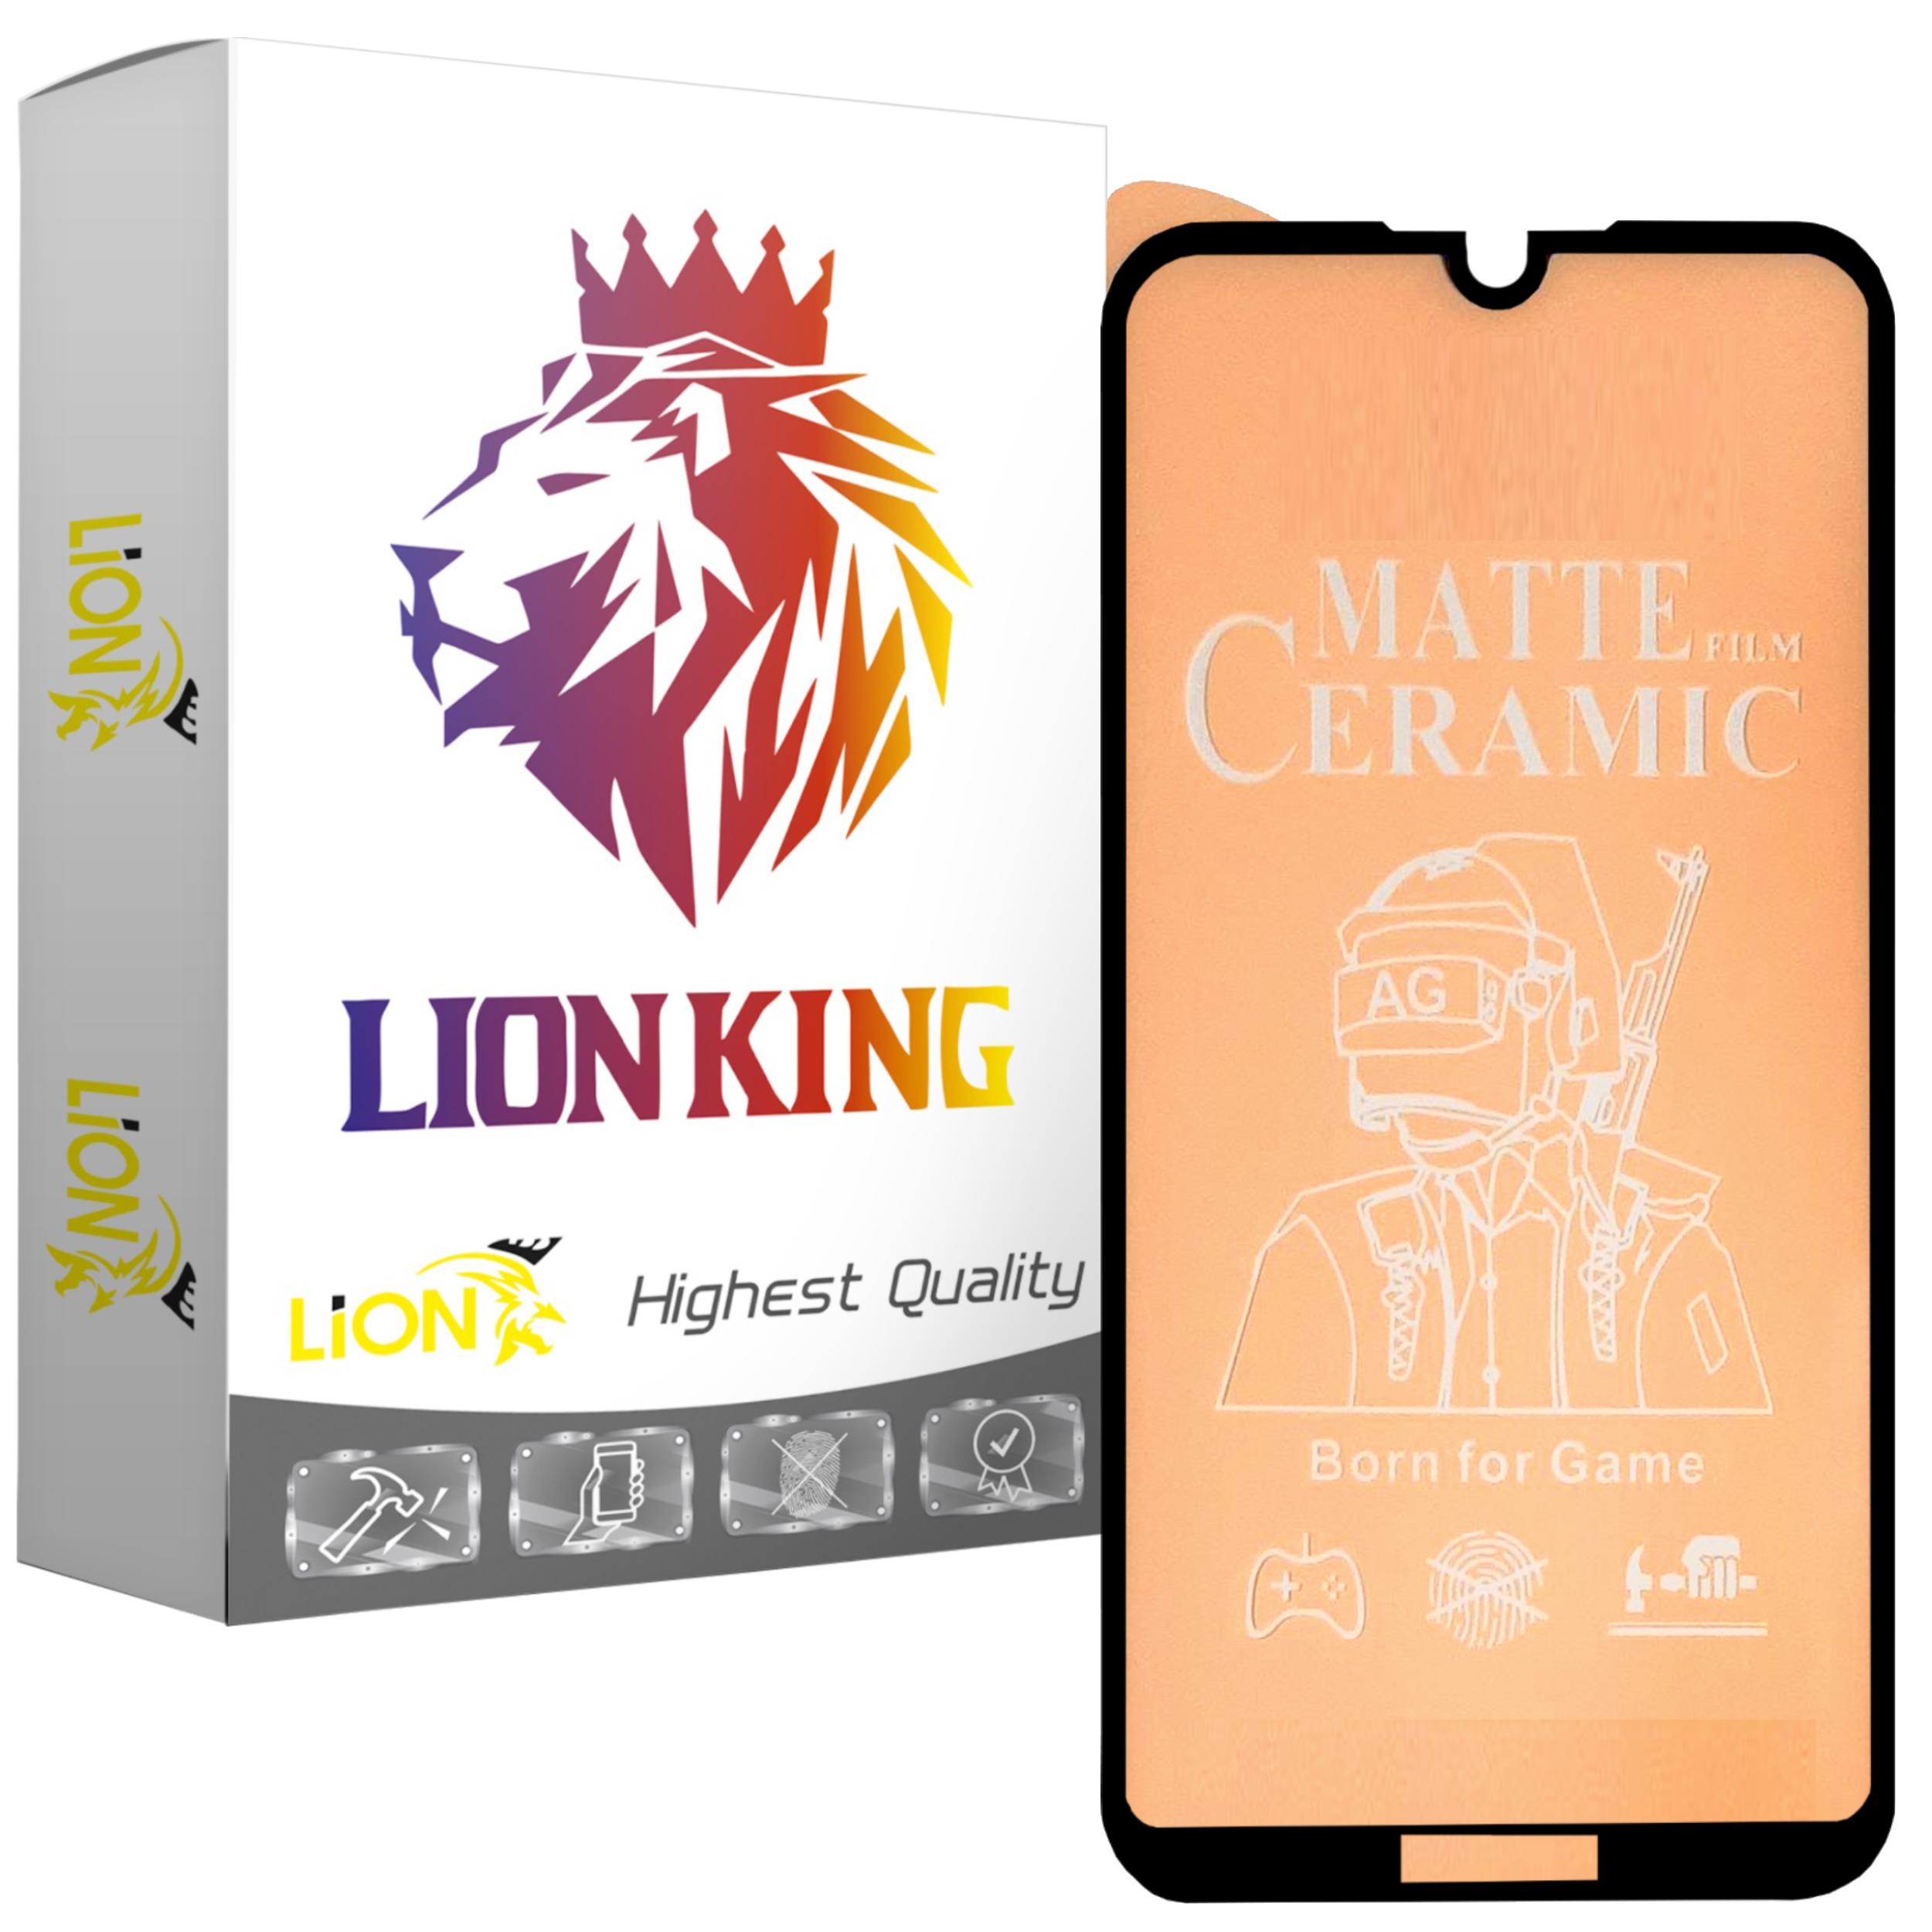 محافظ صفحه نمایش مات لاین کینگ مدل LKFCM مناسب برای گوشی موبایل هوآوی Y5 2019/ 8S